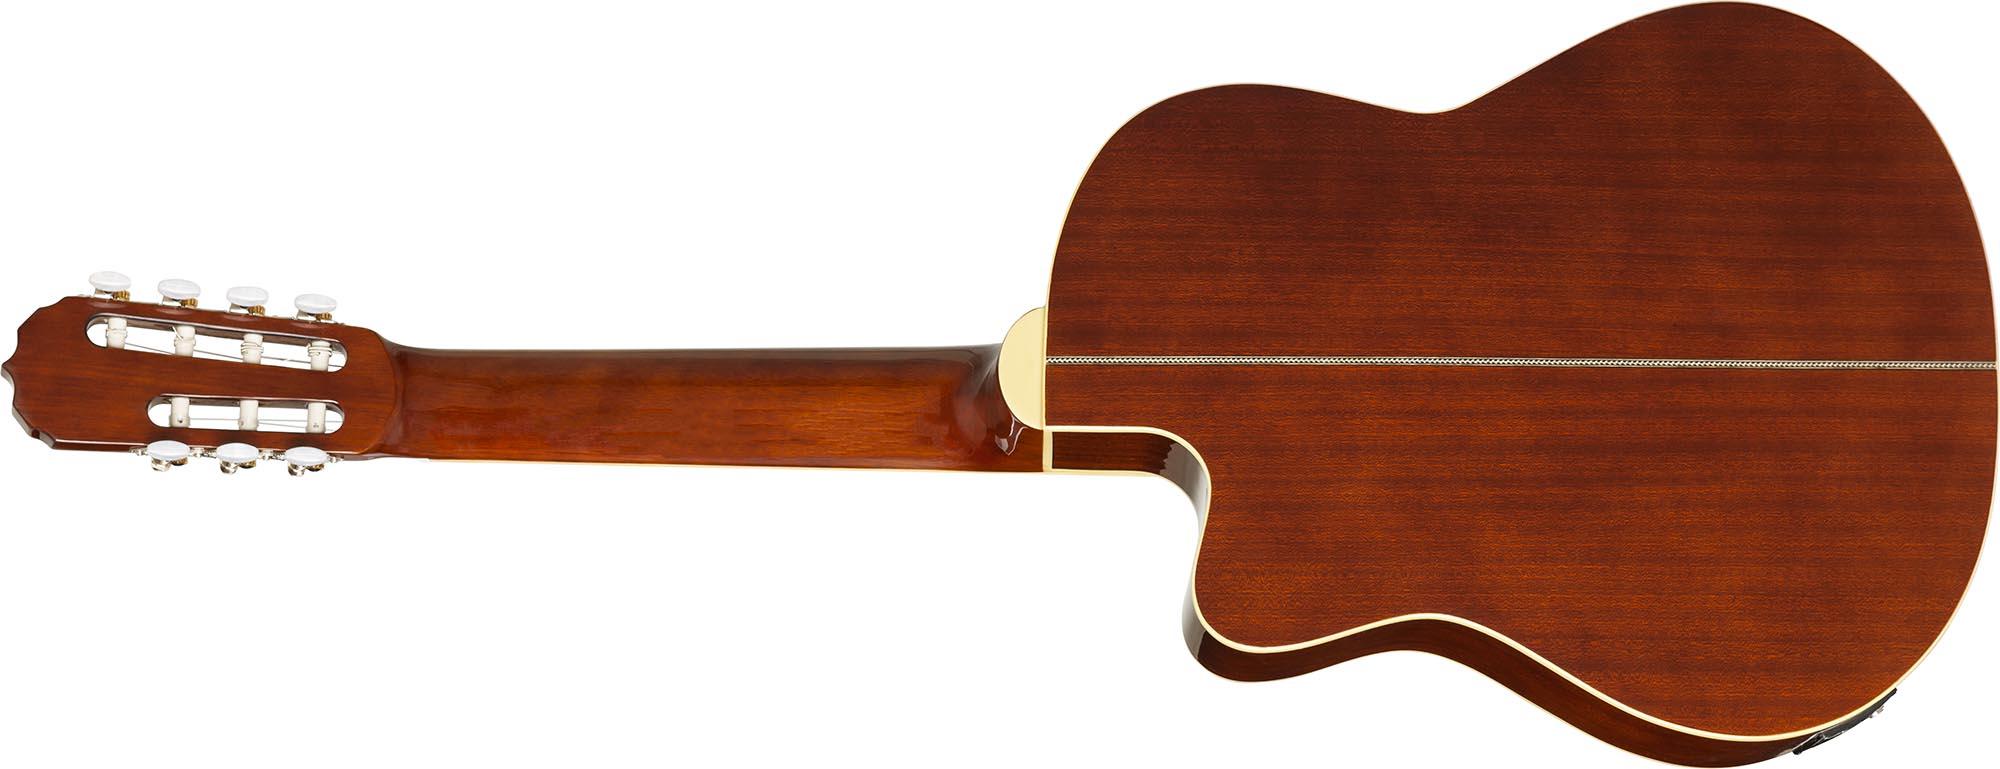 hmc227 violao classico 7 cordas hofma hmc227 nt natural visao posterior